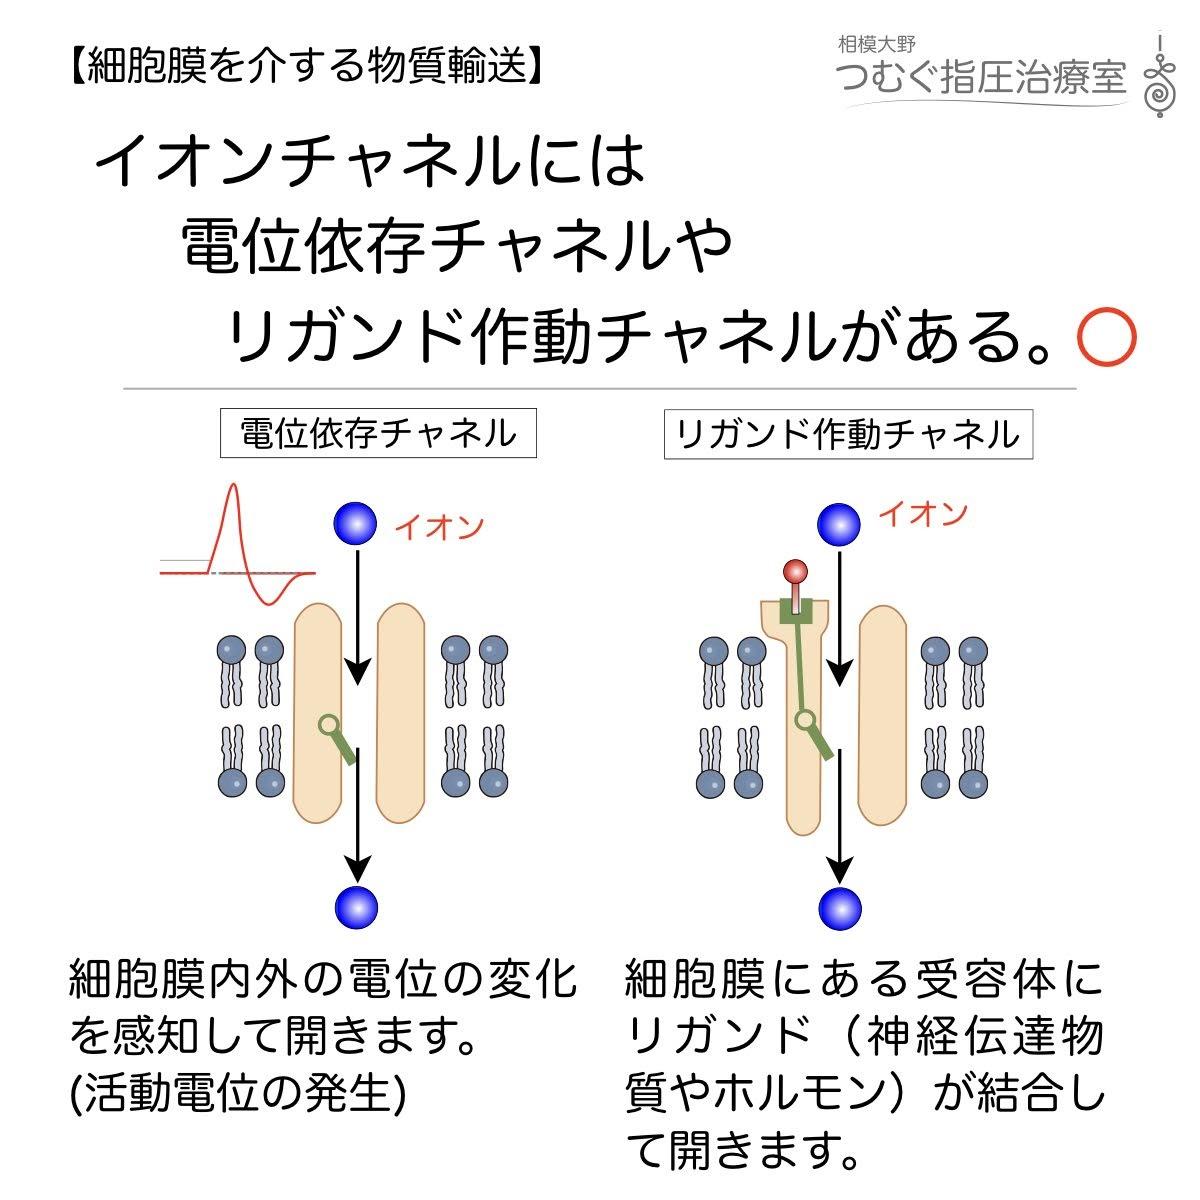 イオンチャネルには電位依存チャネルやリガンド作動チャネルがある